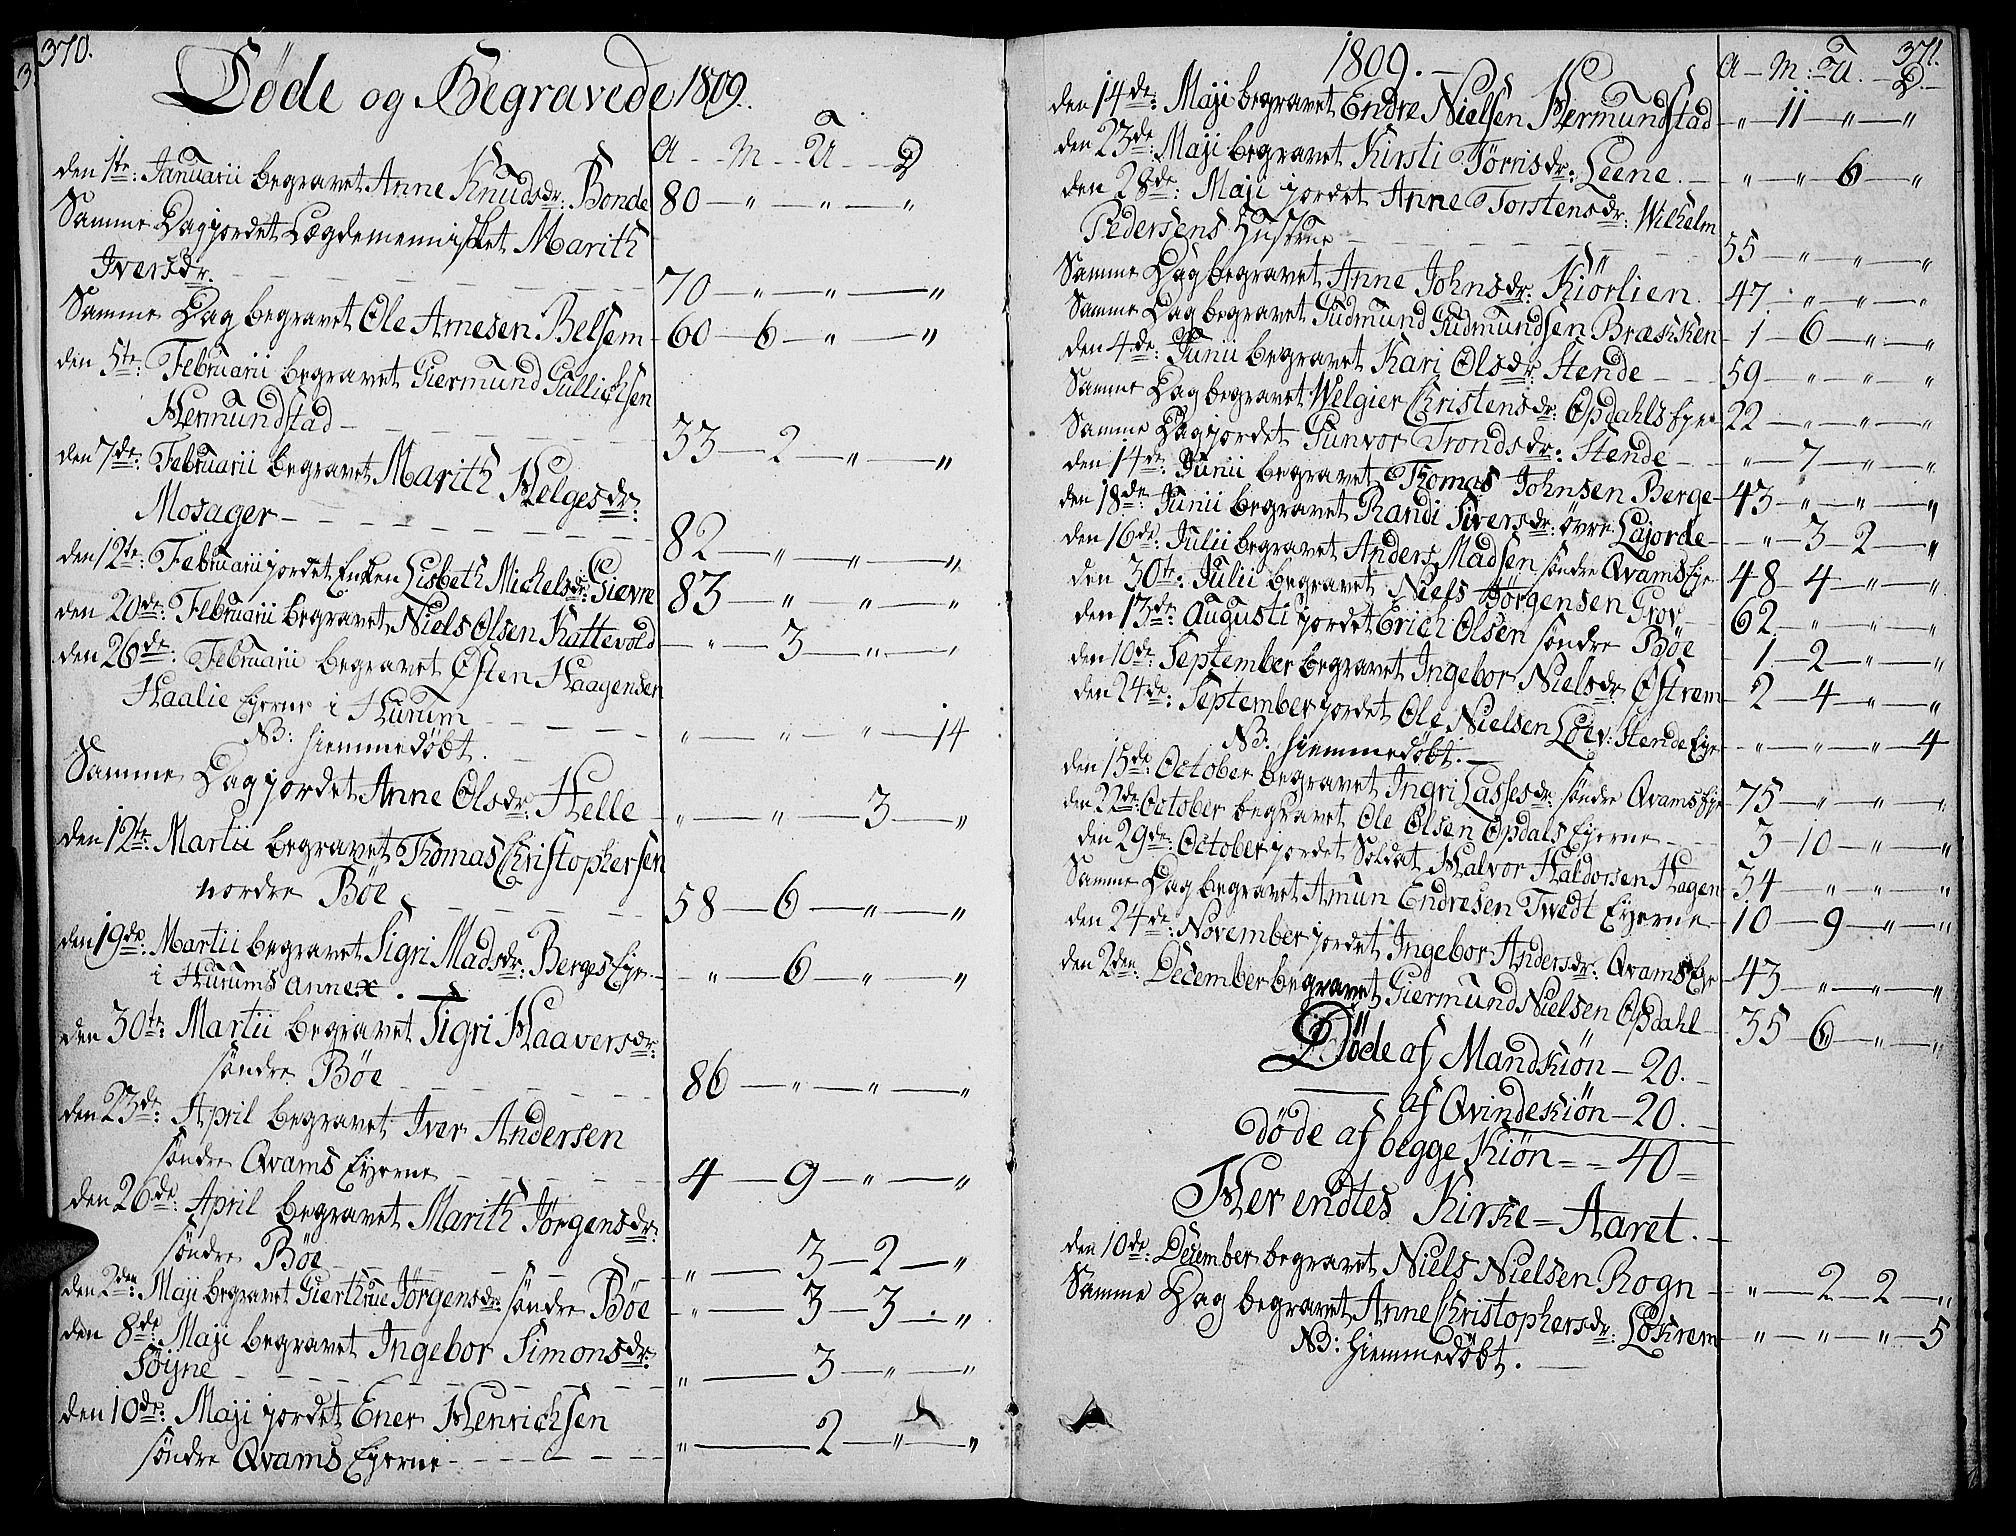 SAH, Vang prestekontor, Valdres, Ministerialbok nr. 3, 1809-1831, s. 370-371